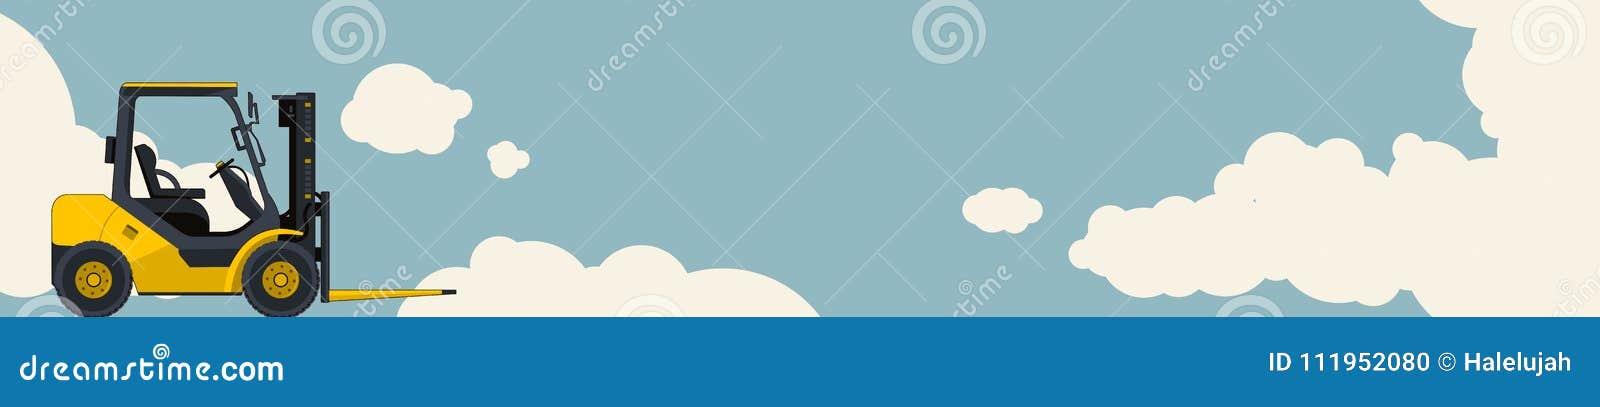 黄色铲车装载者,与云彩的天空在背景中 与小挖掘机,起重机的水平的横幅布局